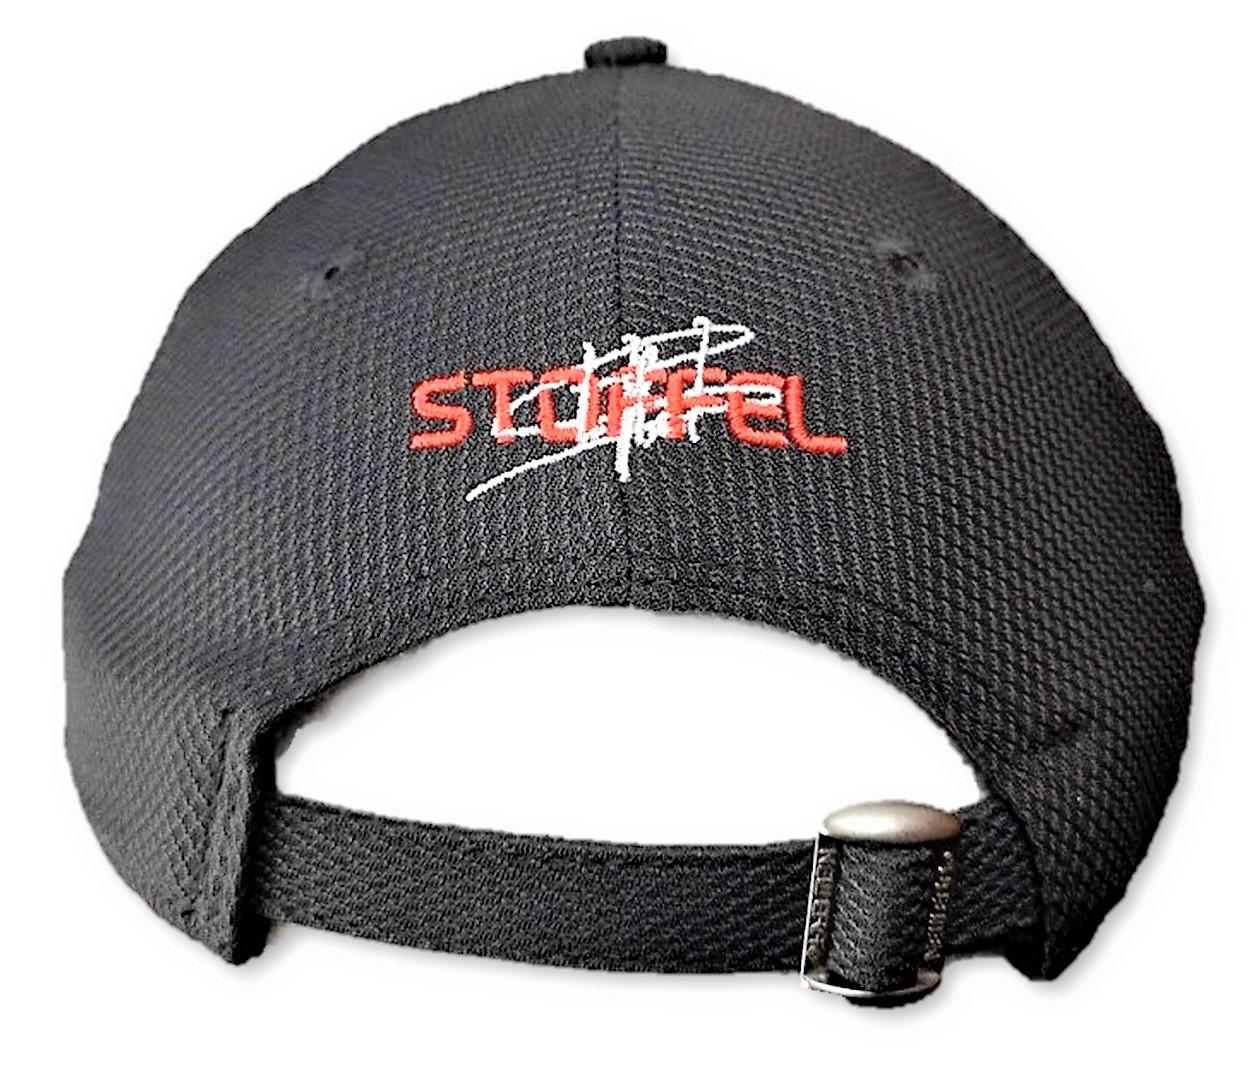 CAP Hat Formula One 1 McLaren Honda F1 NEW Stoffel Vandoorne Team ... 452d86e9512a